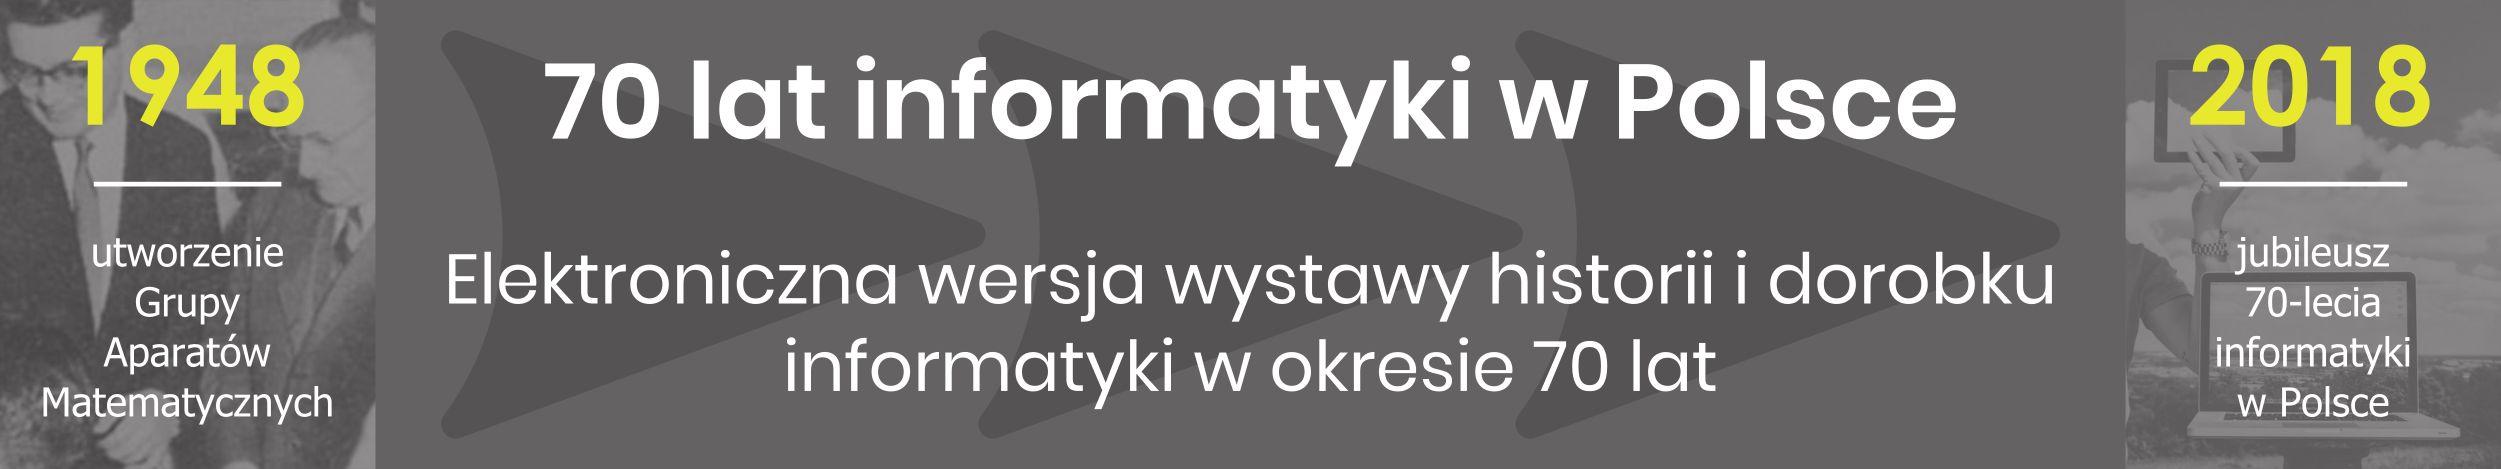 Obchody 70-lecia infromatyki w Polsce